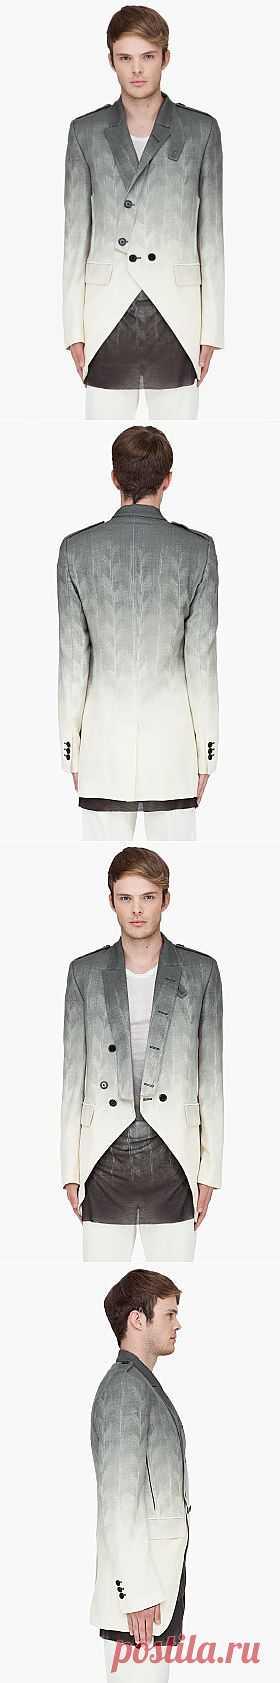 Мужской пиджак Ann Demeulemeester +6 / Пачкаем / Модный сайт о стильной переделке одежды и интерьера